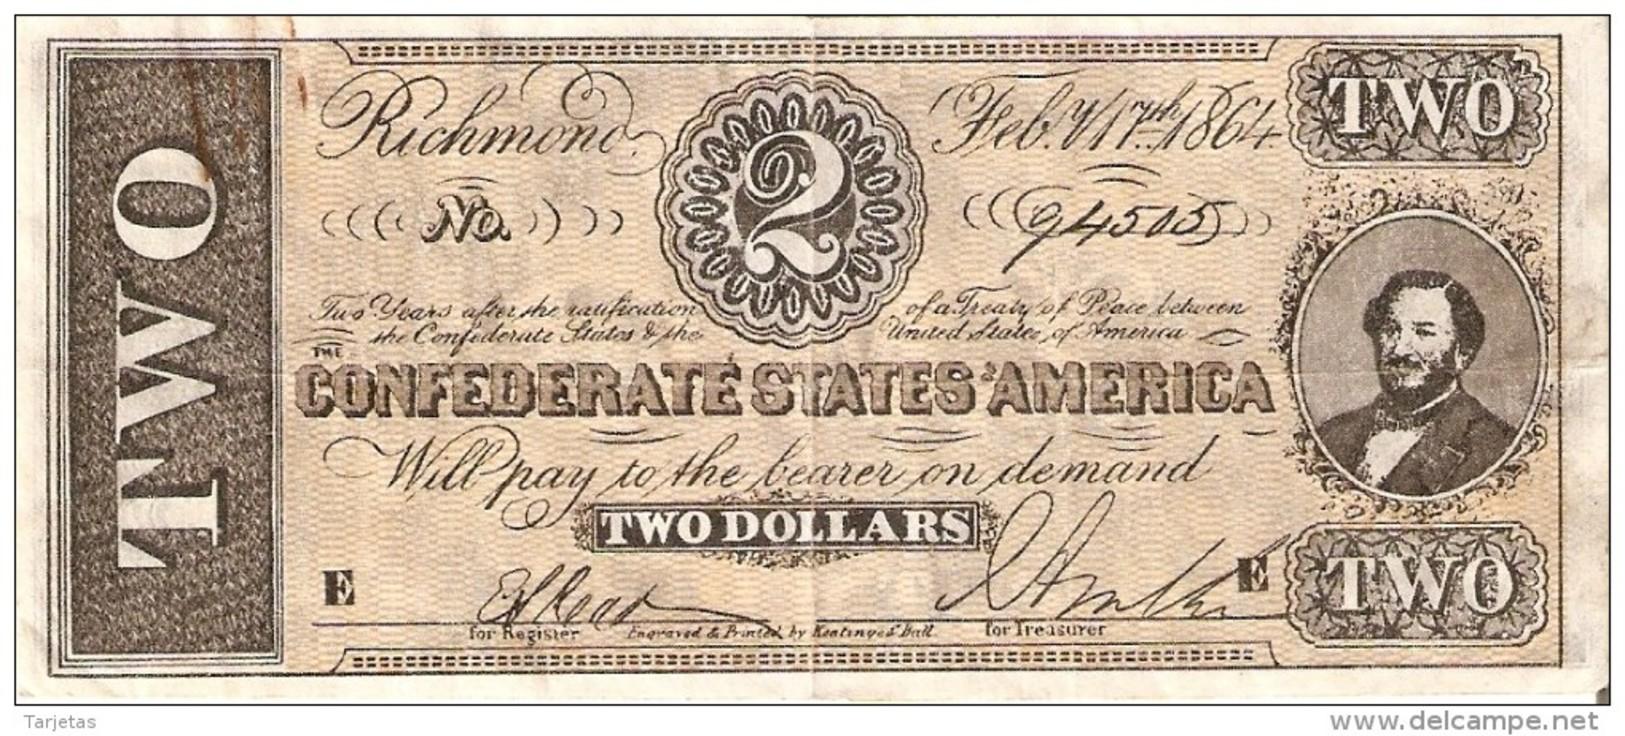 BILLETE DE ESTADOS UNIDOS DE 2 DOLLARS DEL AÑO 1864  (BANKNOTE) REPLICA - Billetes De Estados Unidos (1928-1953)